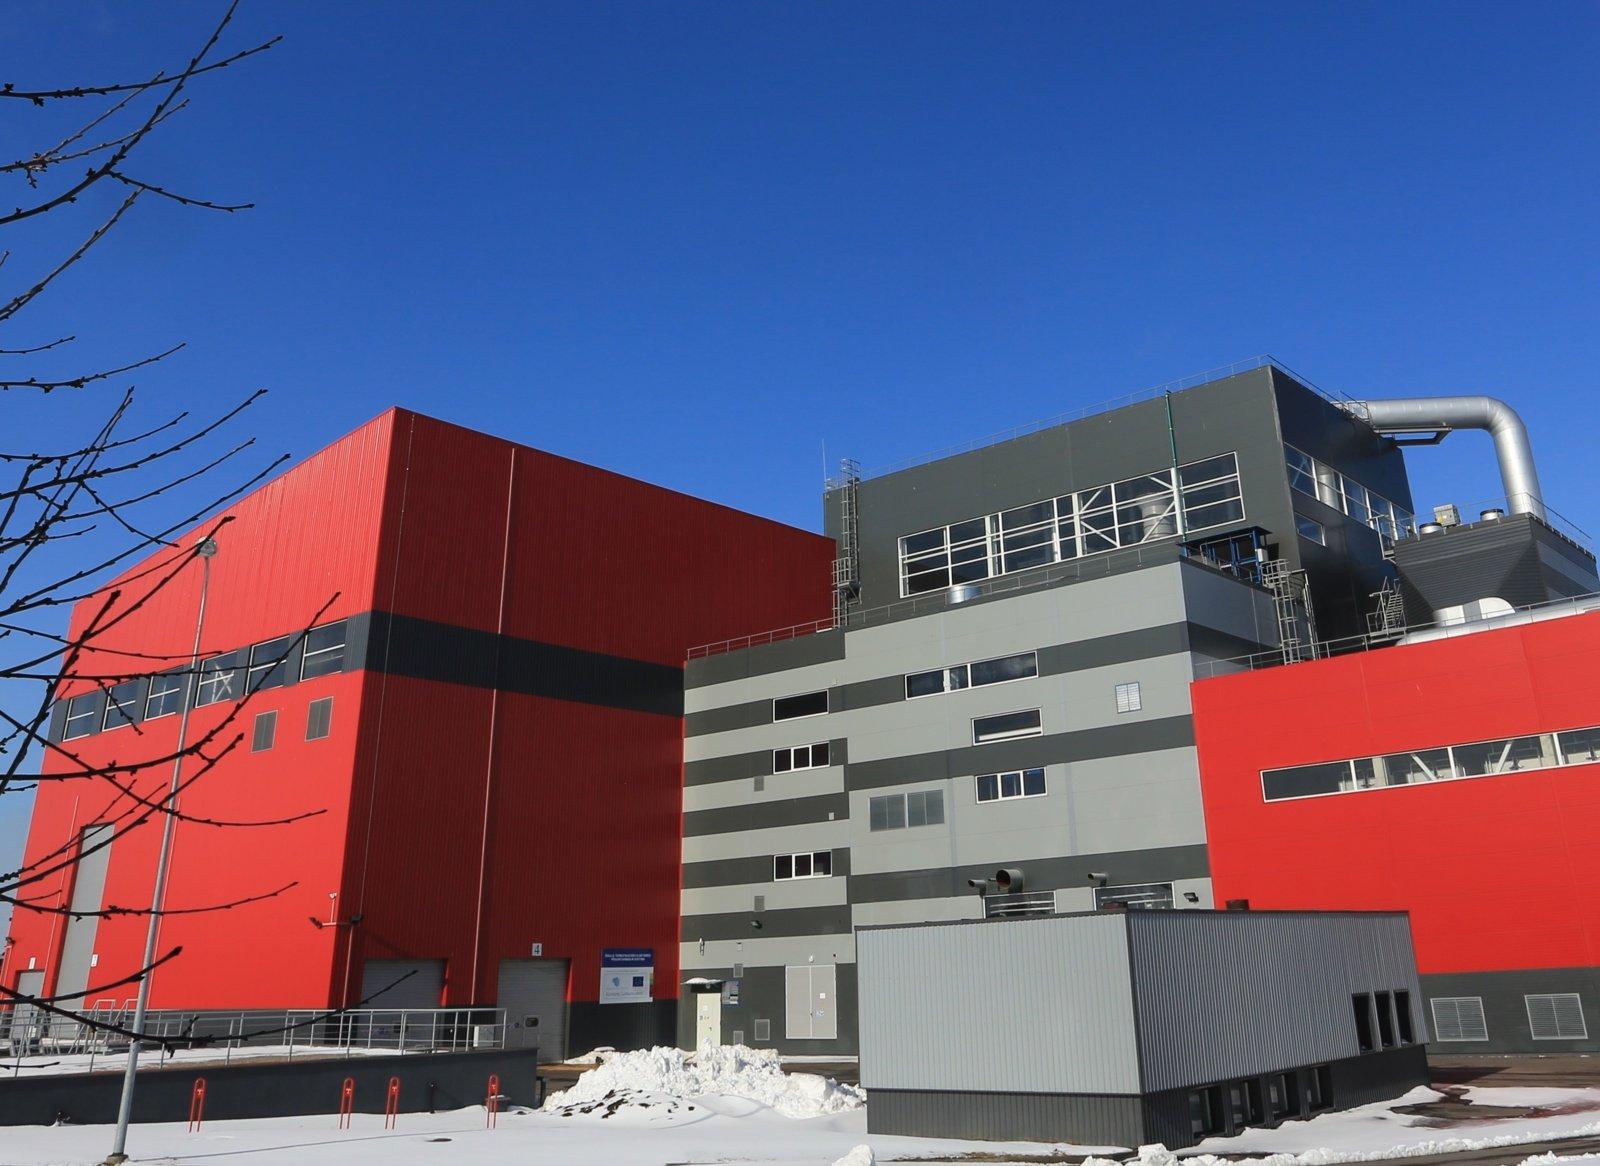 Šiaulių termofikacinės elektrinės projektas nominuotas Europos projektų apdovanojimams